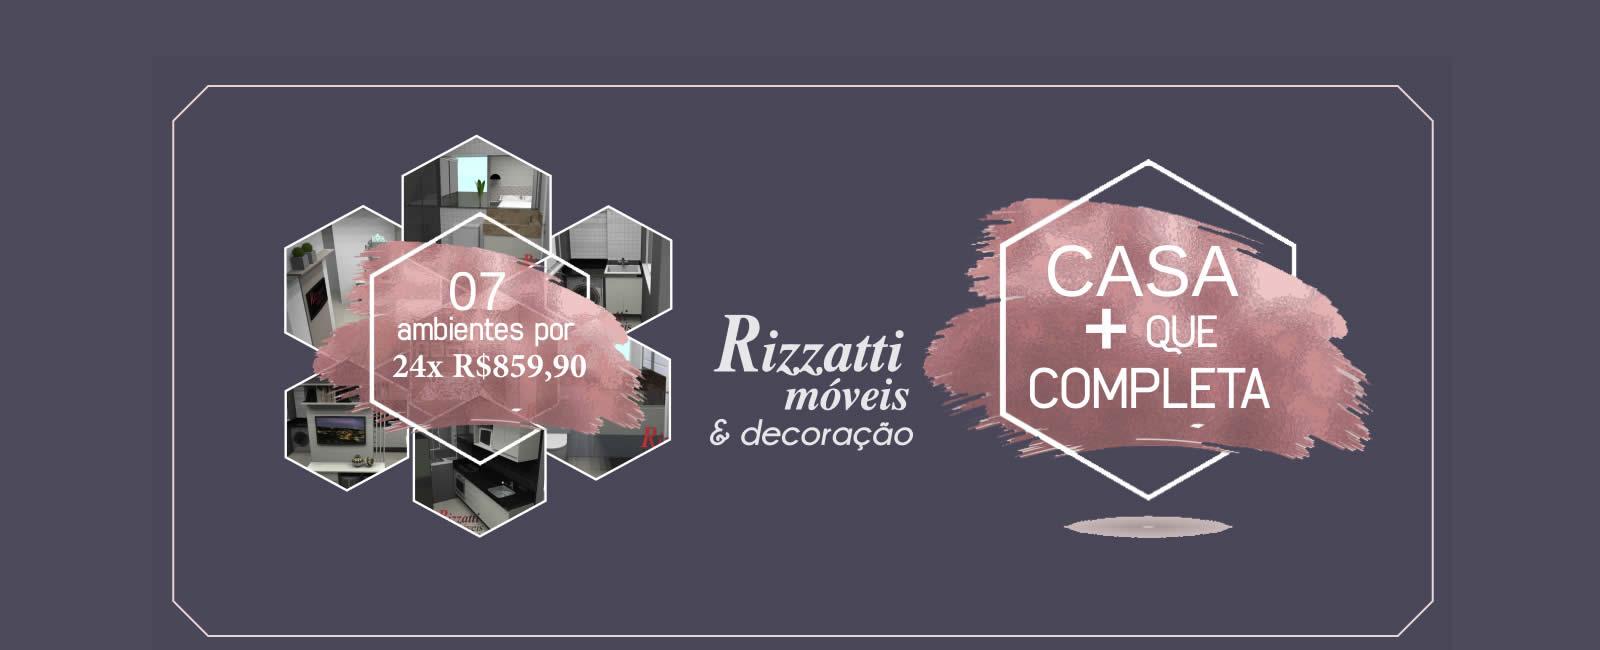 casa_rizzatti